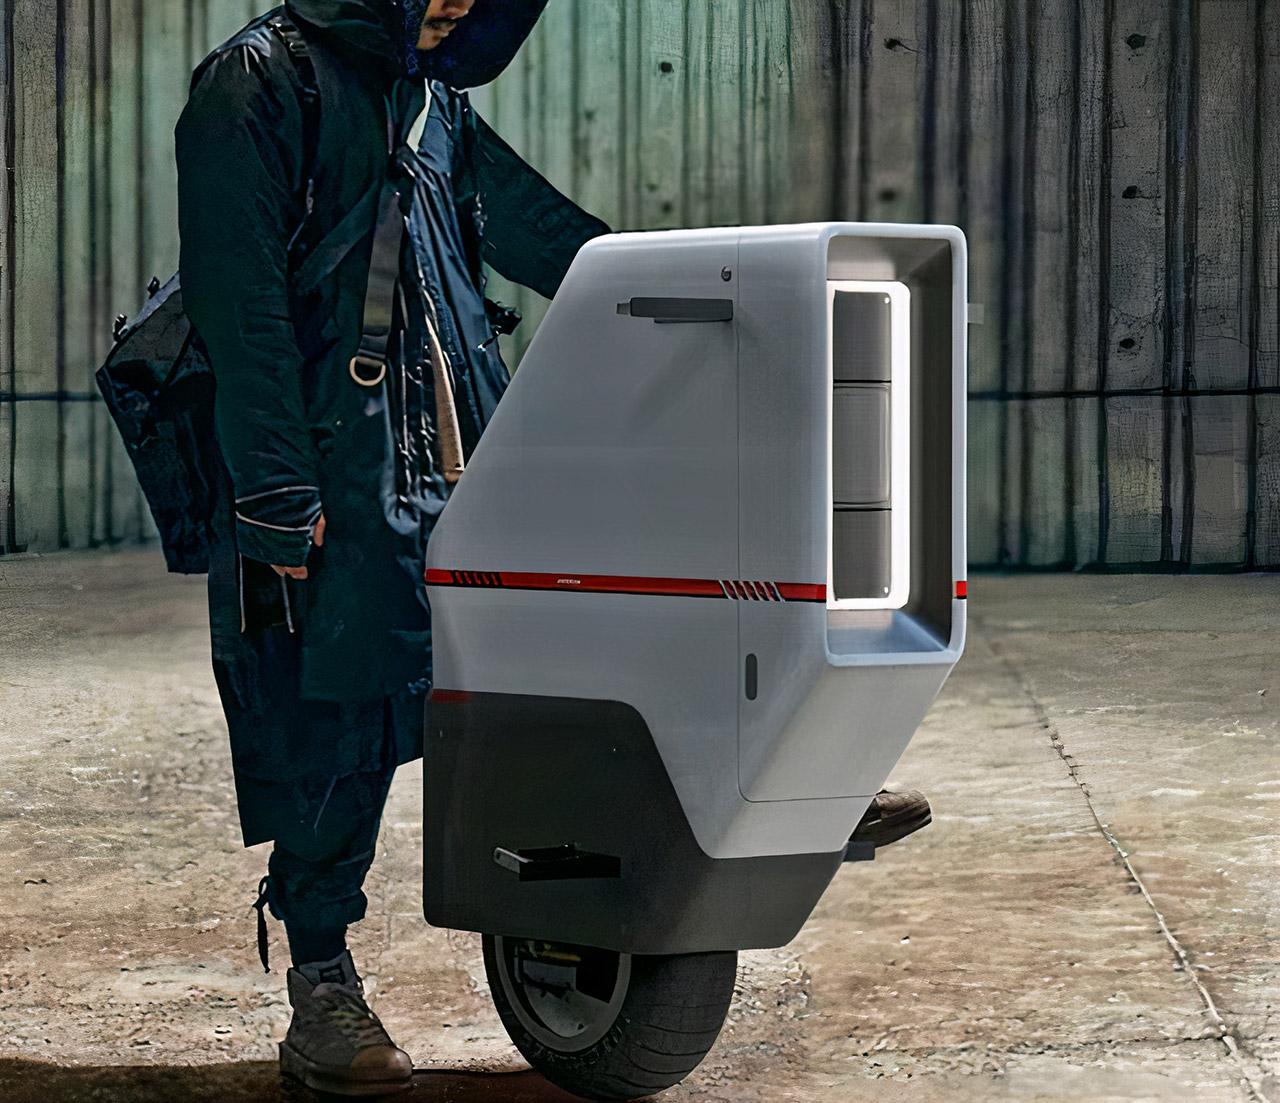 Honda Baiku Self-Balancing Electric Scooter